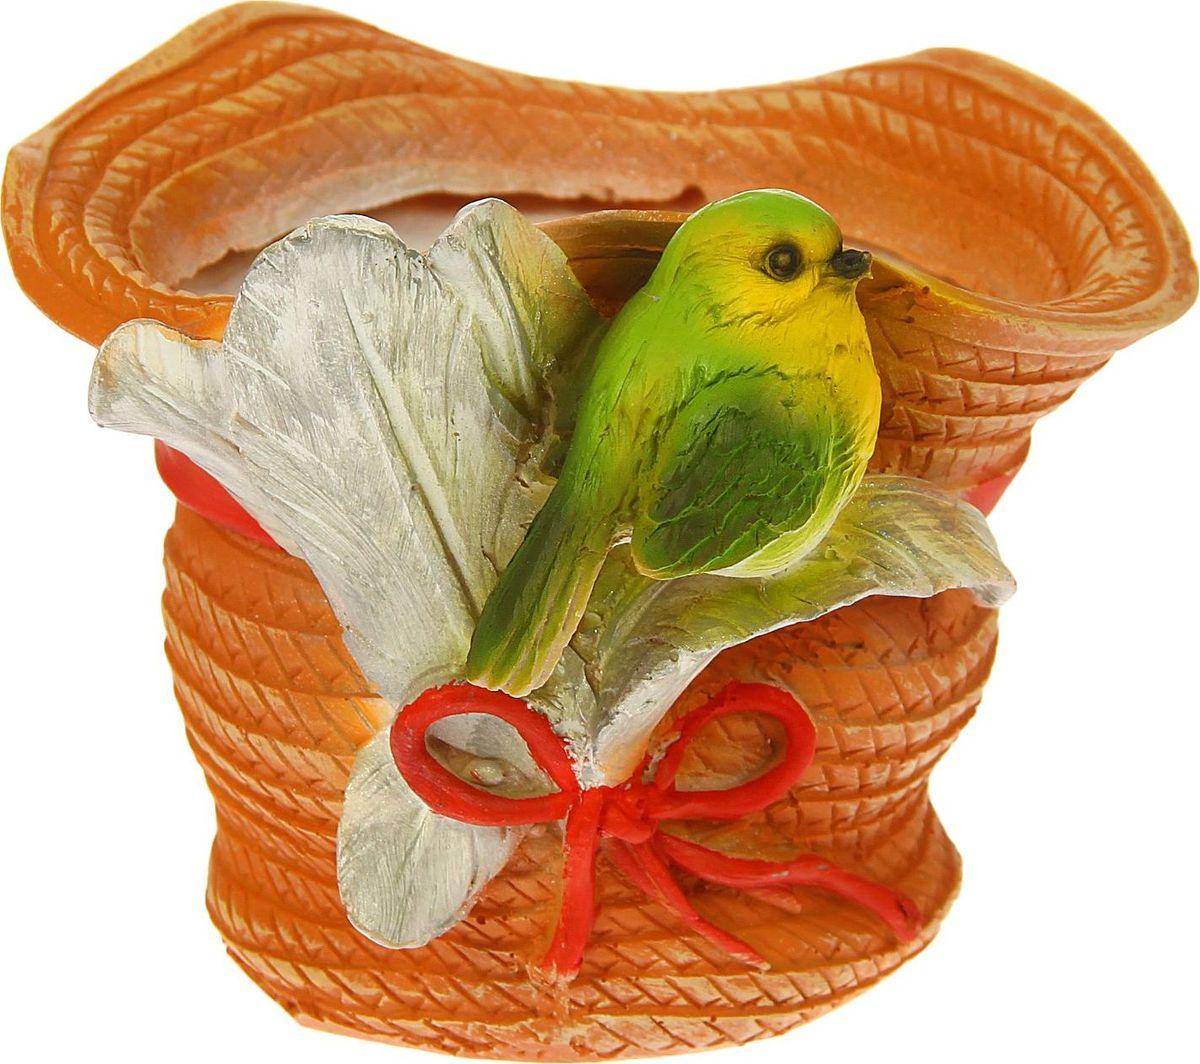 Кашпо Птичка на шляпе с пером, 21 х 19 х 15 см1343734Комнатные растения — всеобщие любимцы. Они радуют глаз, насыщают помещение кислородом и украшают пространство. Каждому из растений необходим свой удобный и красивый дом. Поселите зелёного питомца в яркое и оригинальное фигурное кашпо. Выберите подходящую форму для детской, спальни, гостиной, балкона, офиса или террасы. #name# позаботится о растении, украсит окружающее пространство и подчеркнёт его оригинальный стиль.